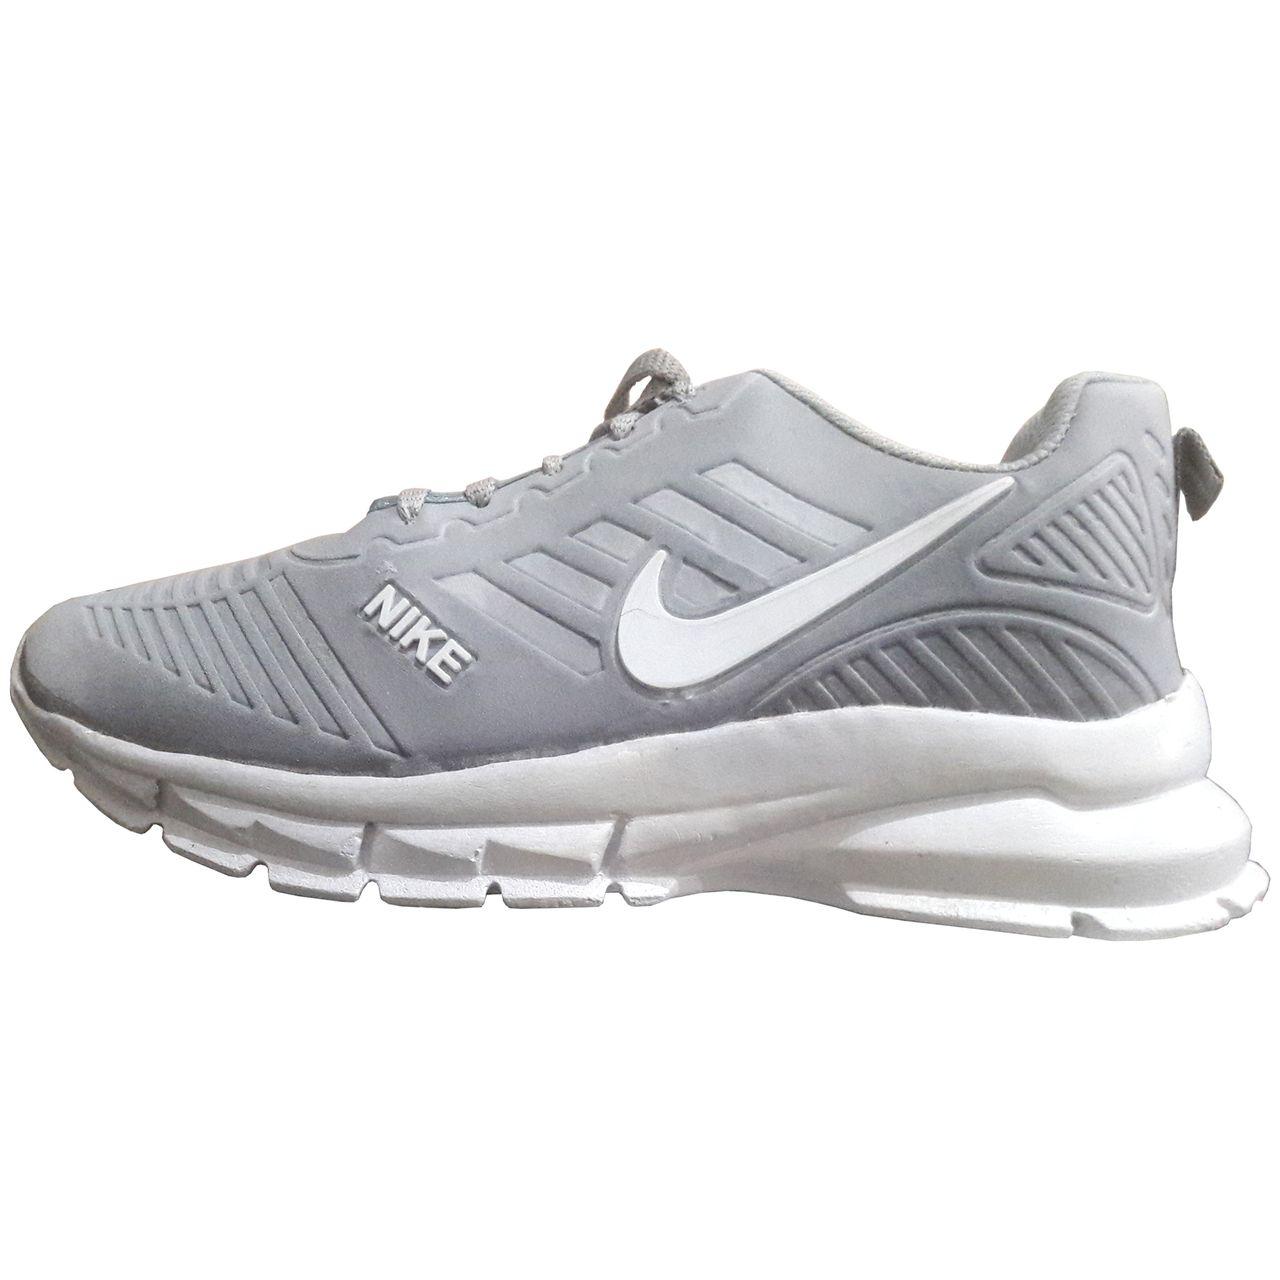 کفش پیاده روی مردانه نایکی مدل graystyle